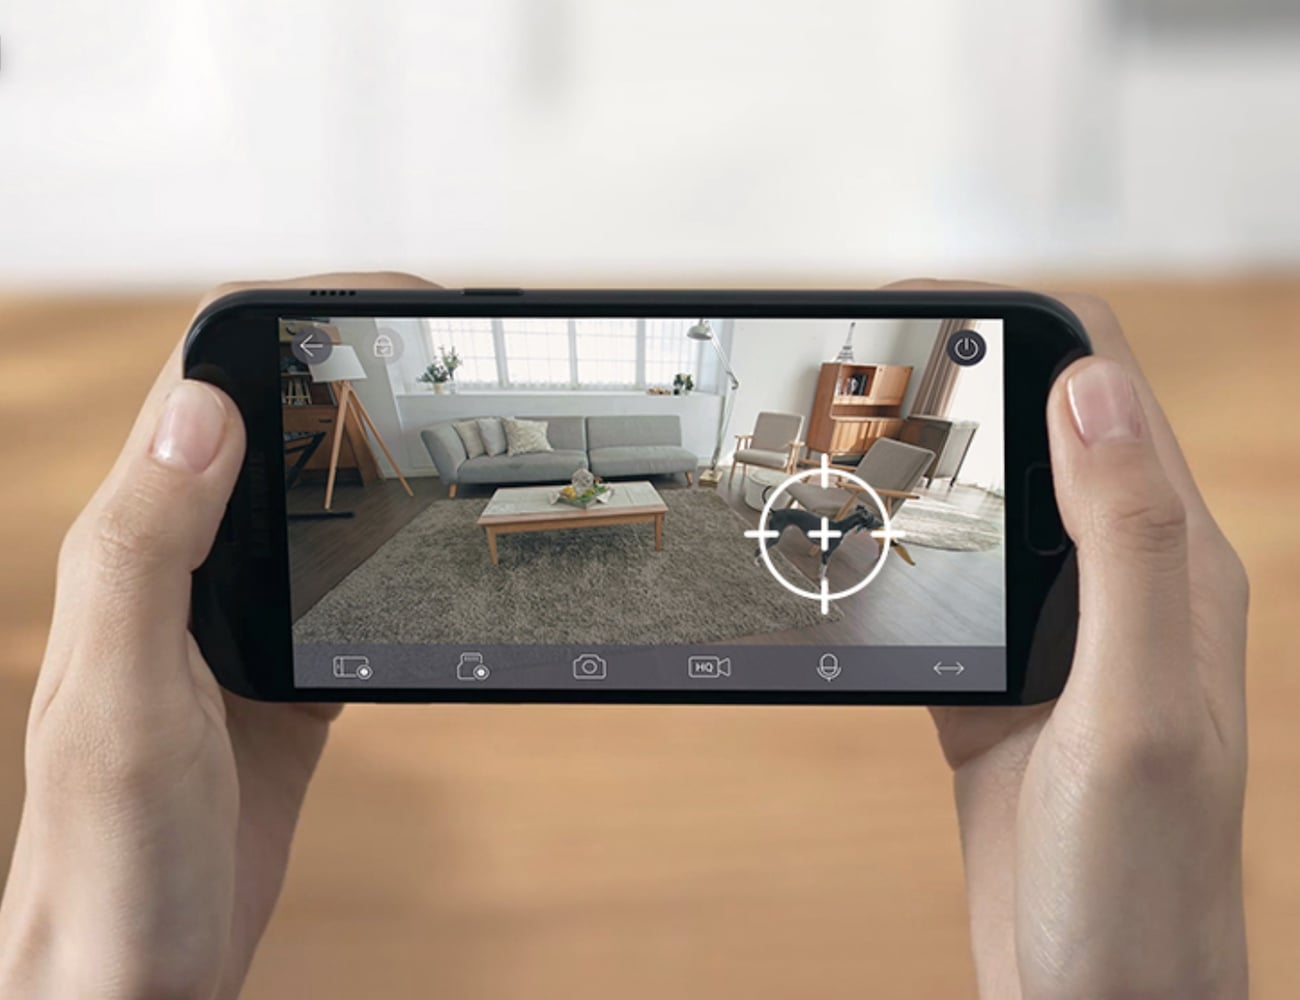 SmartCam A1 Night Vision Security Camera